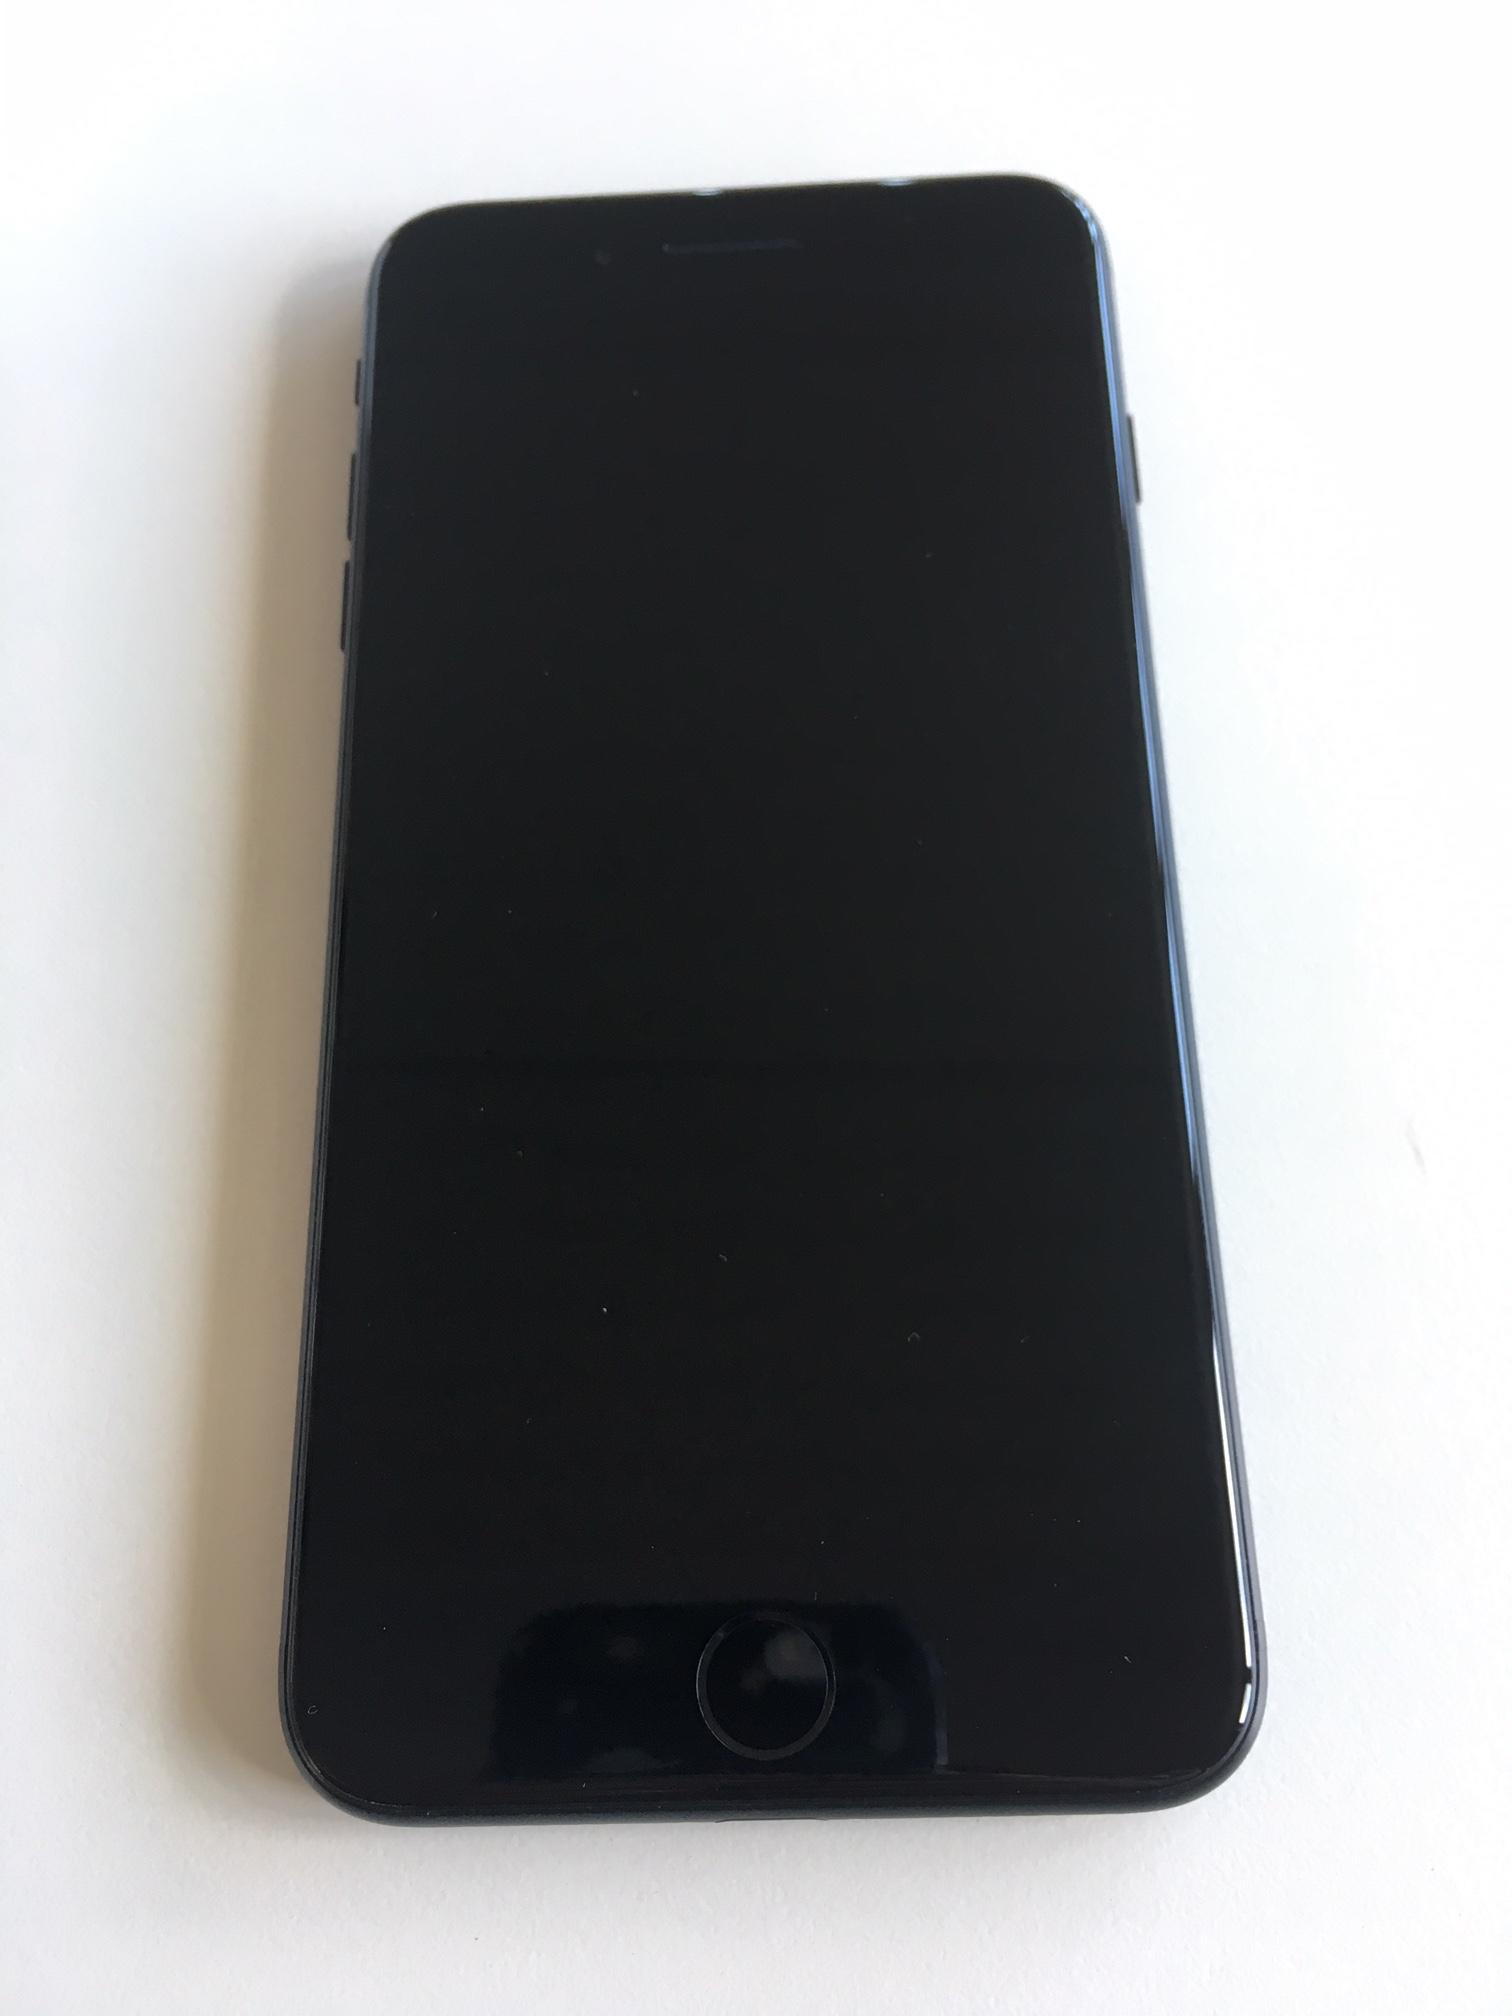 iPhone 7 Plus 256GB, 256 GB, Black, imagen 1